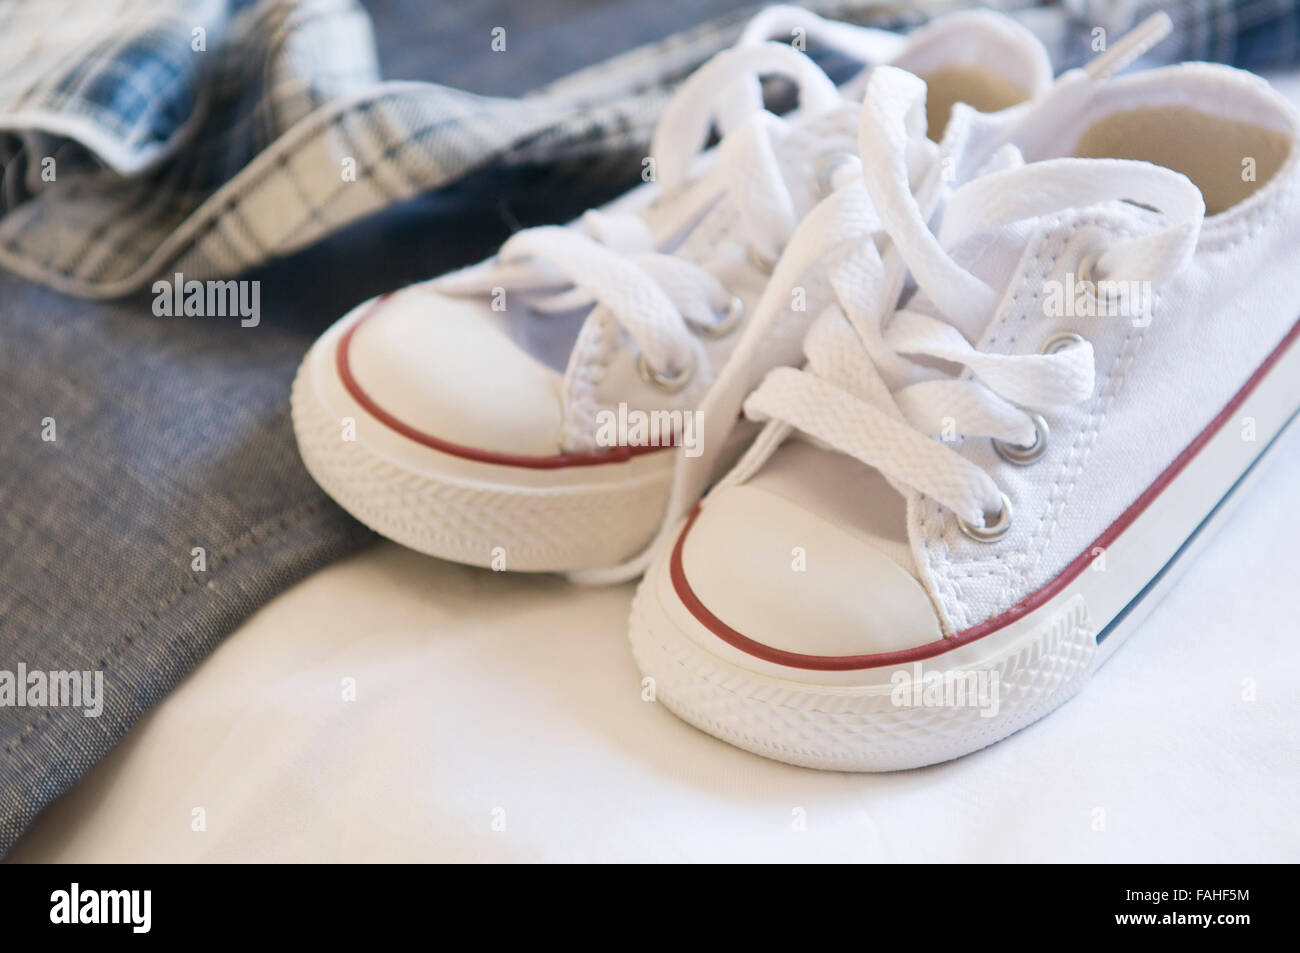 Paar Kleine Weiße Babyschuhe Zur Taufe Stockfoto Bild